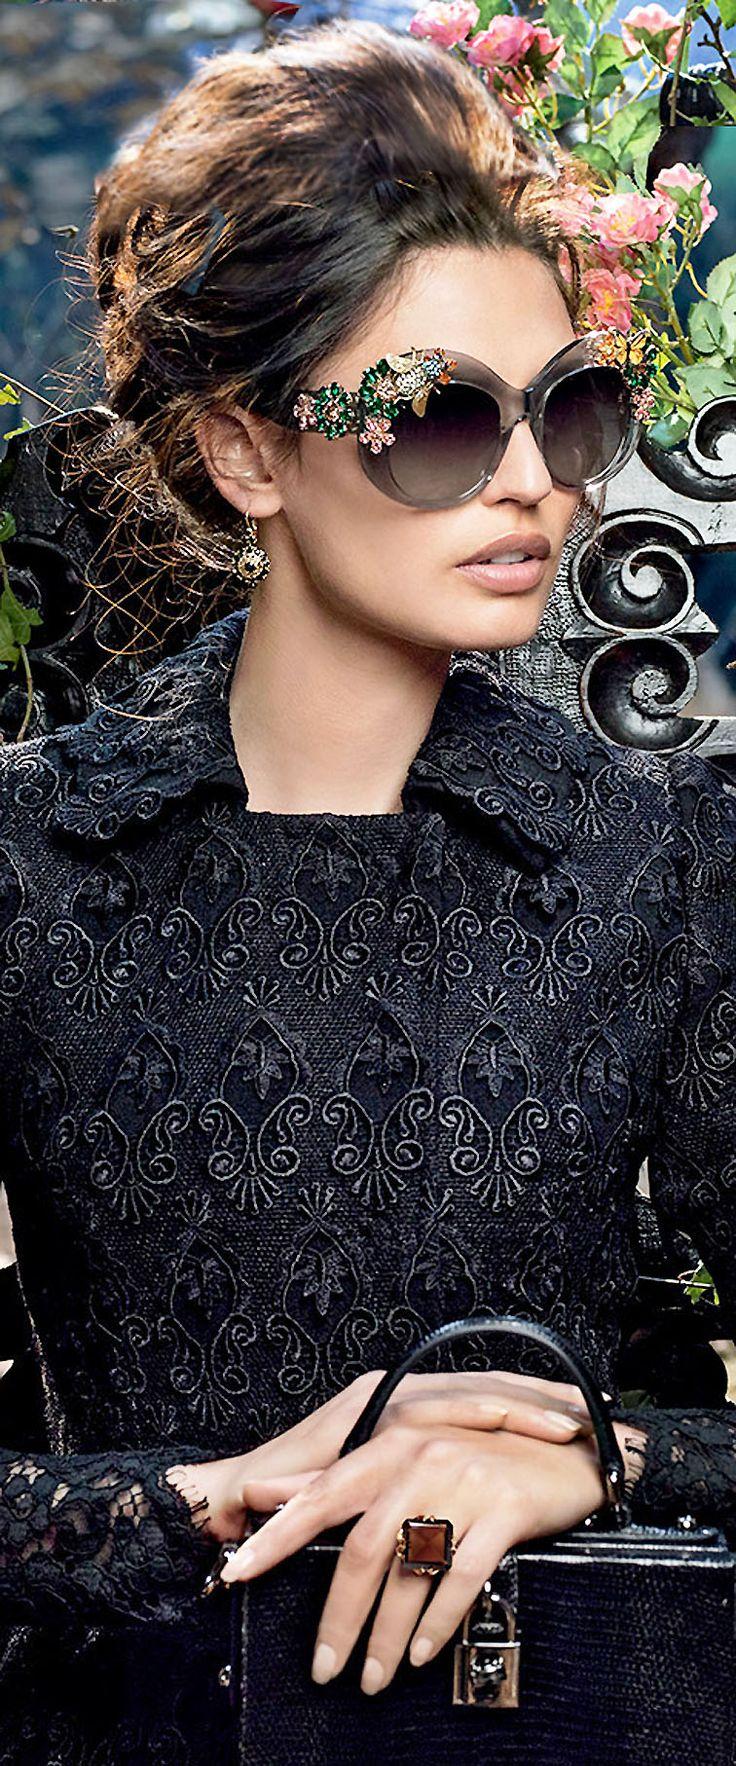 Dolce Gabbana adv sunglasses campaign winter 2015  | Daily Design News #design #designews #fashion